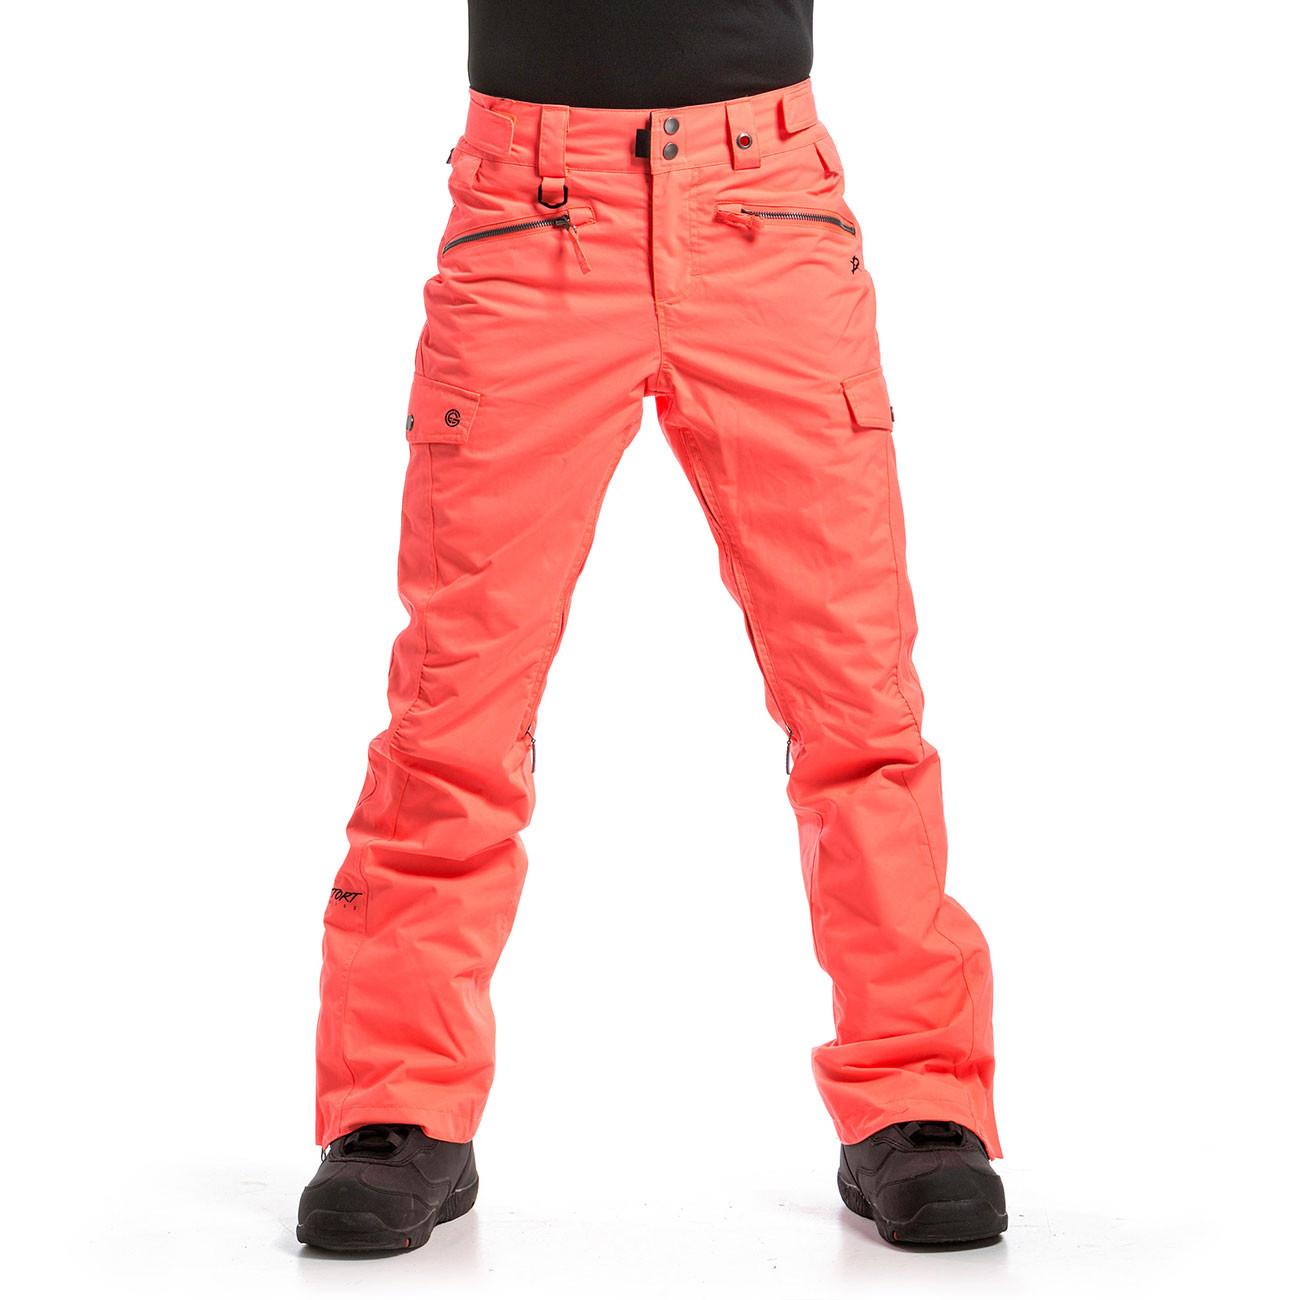 Kalhoty Nugget Frida 3 acid orange